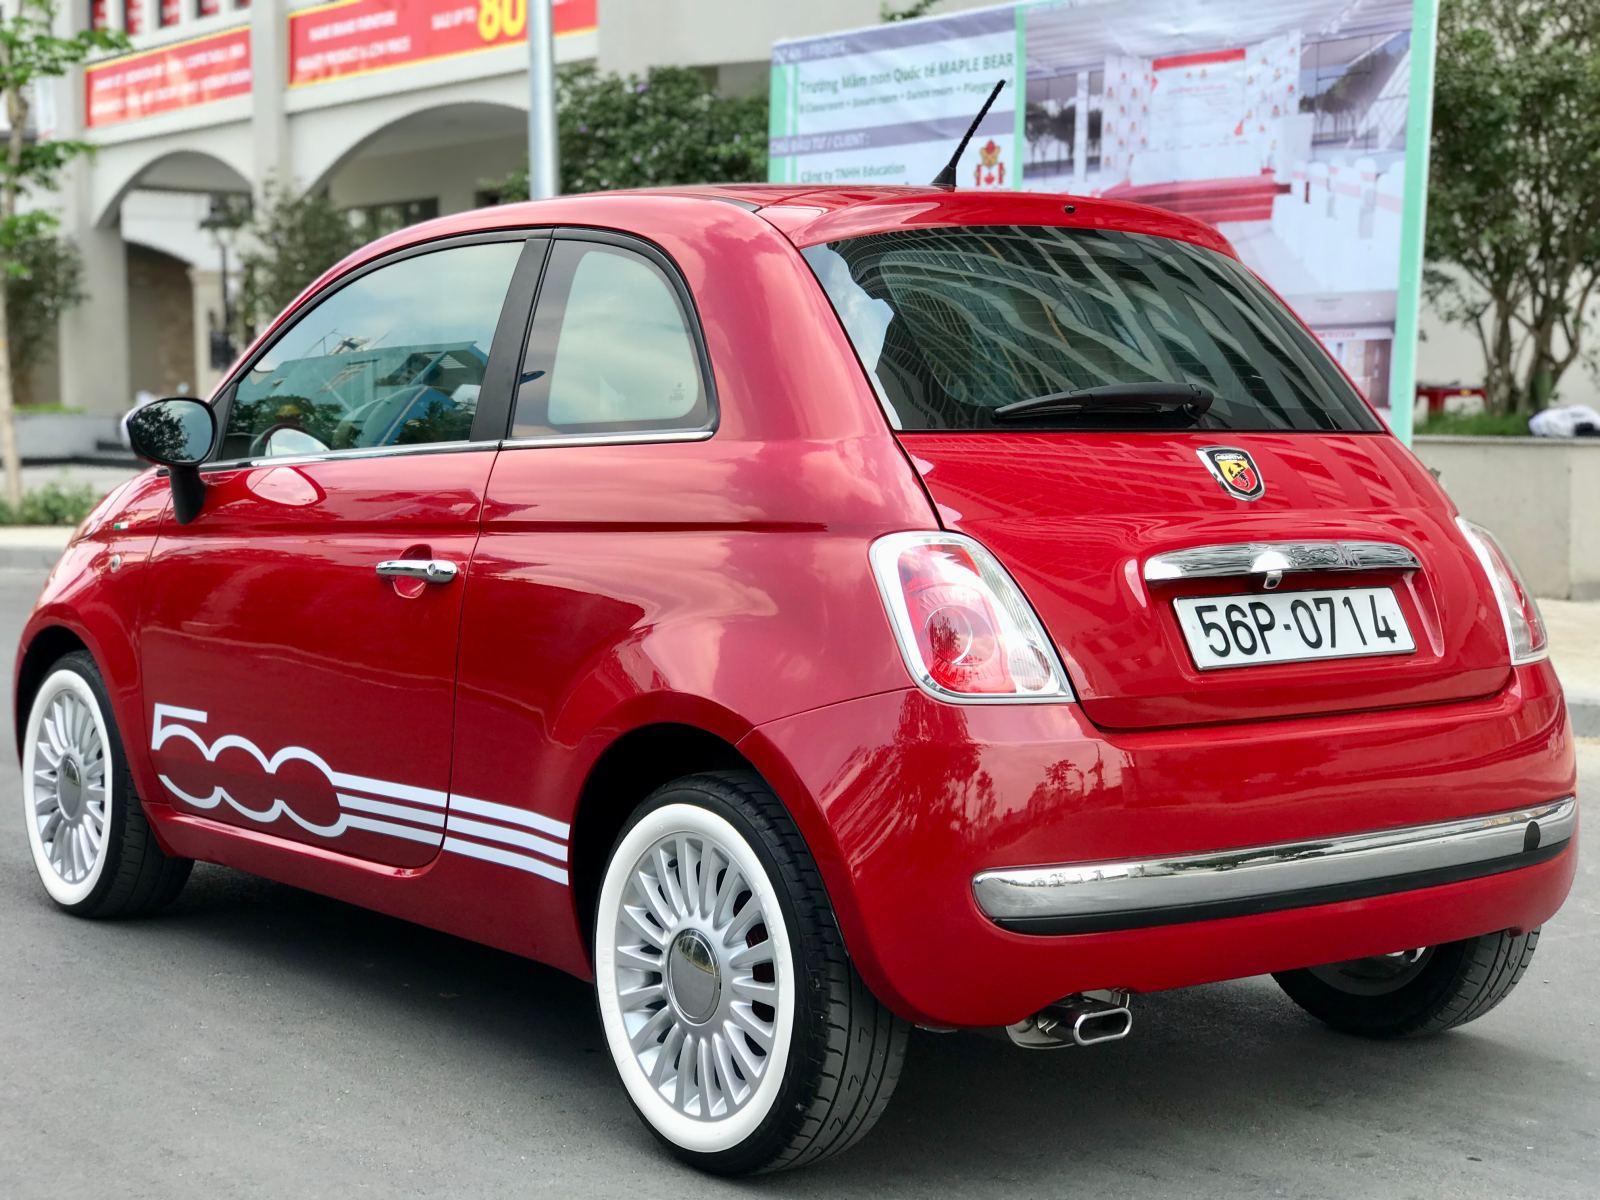 Cận ảnh Fiat 500 qua 10 năm sử dụng, giá 400 triệu đồng tại Việt Nam - 2